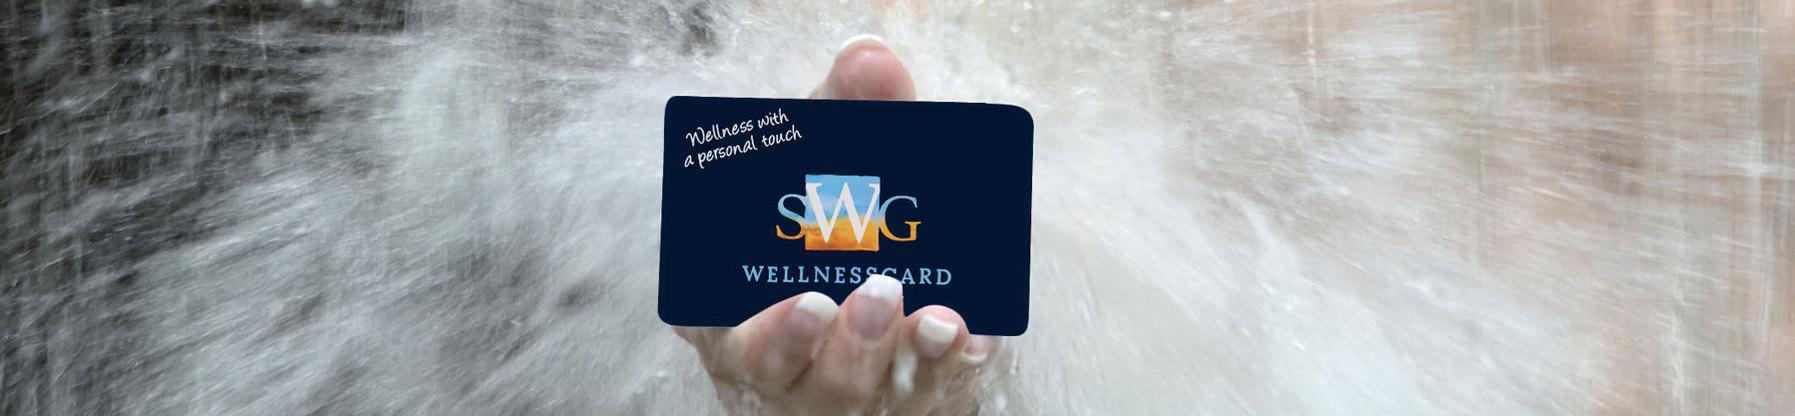 Wellnesspas overzetten naar de nieuwe Select Wellnesscard